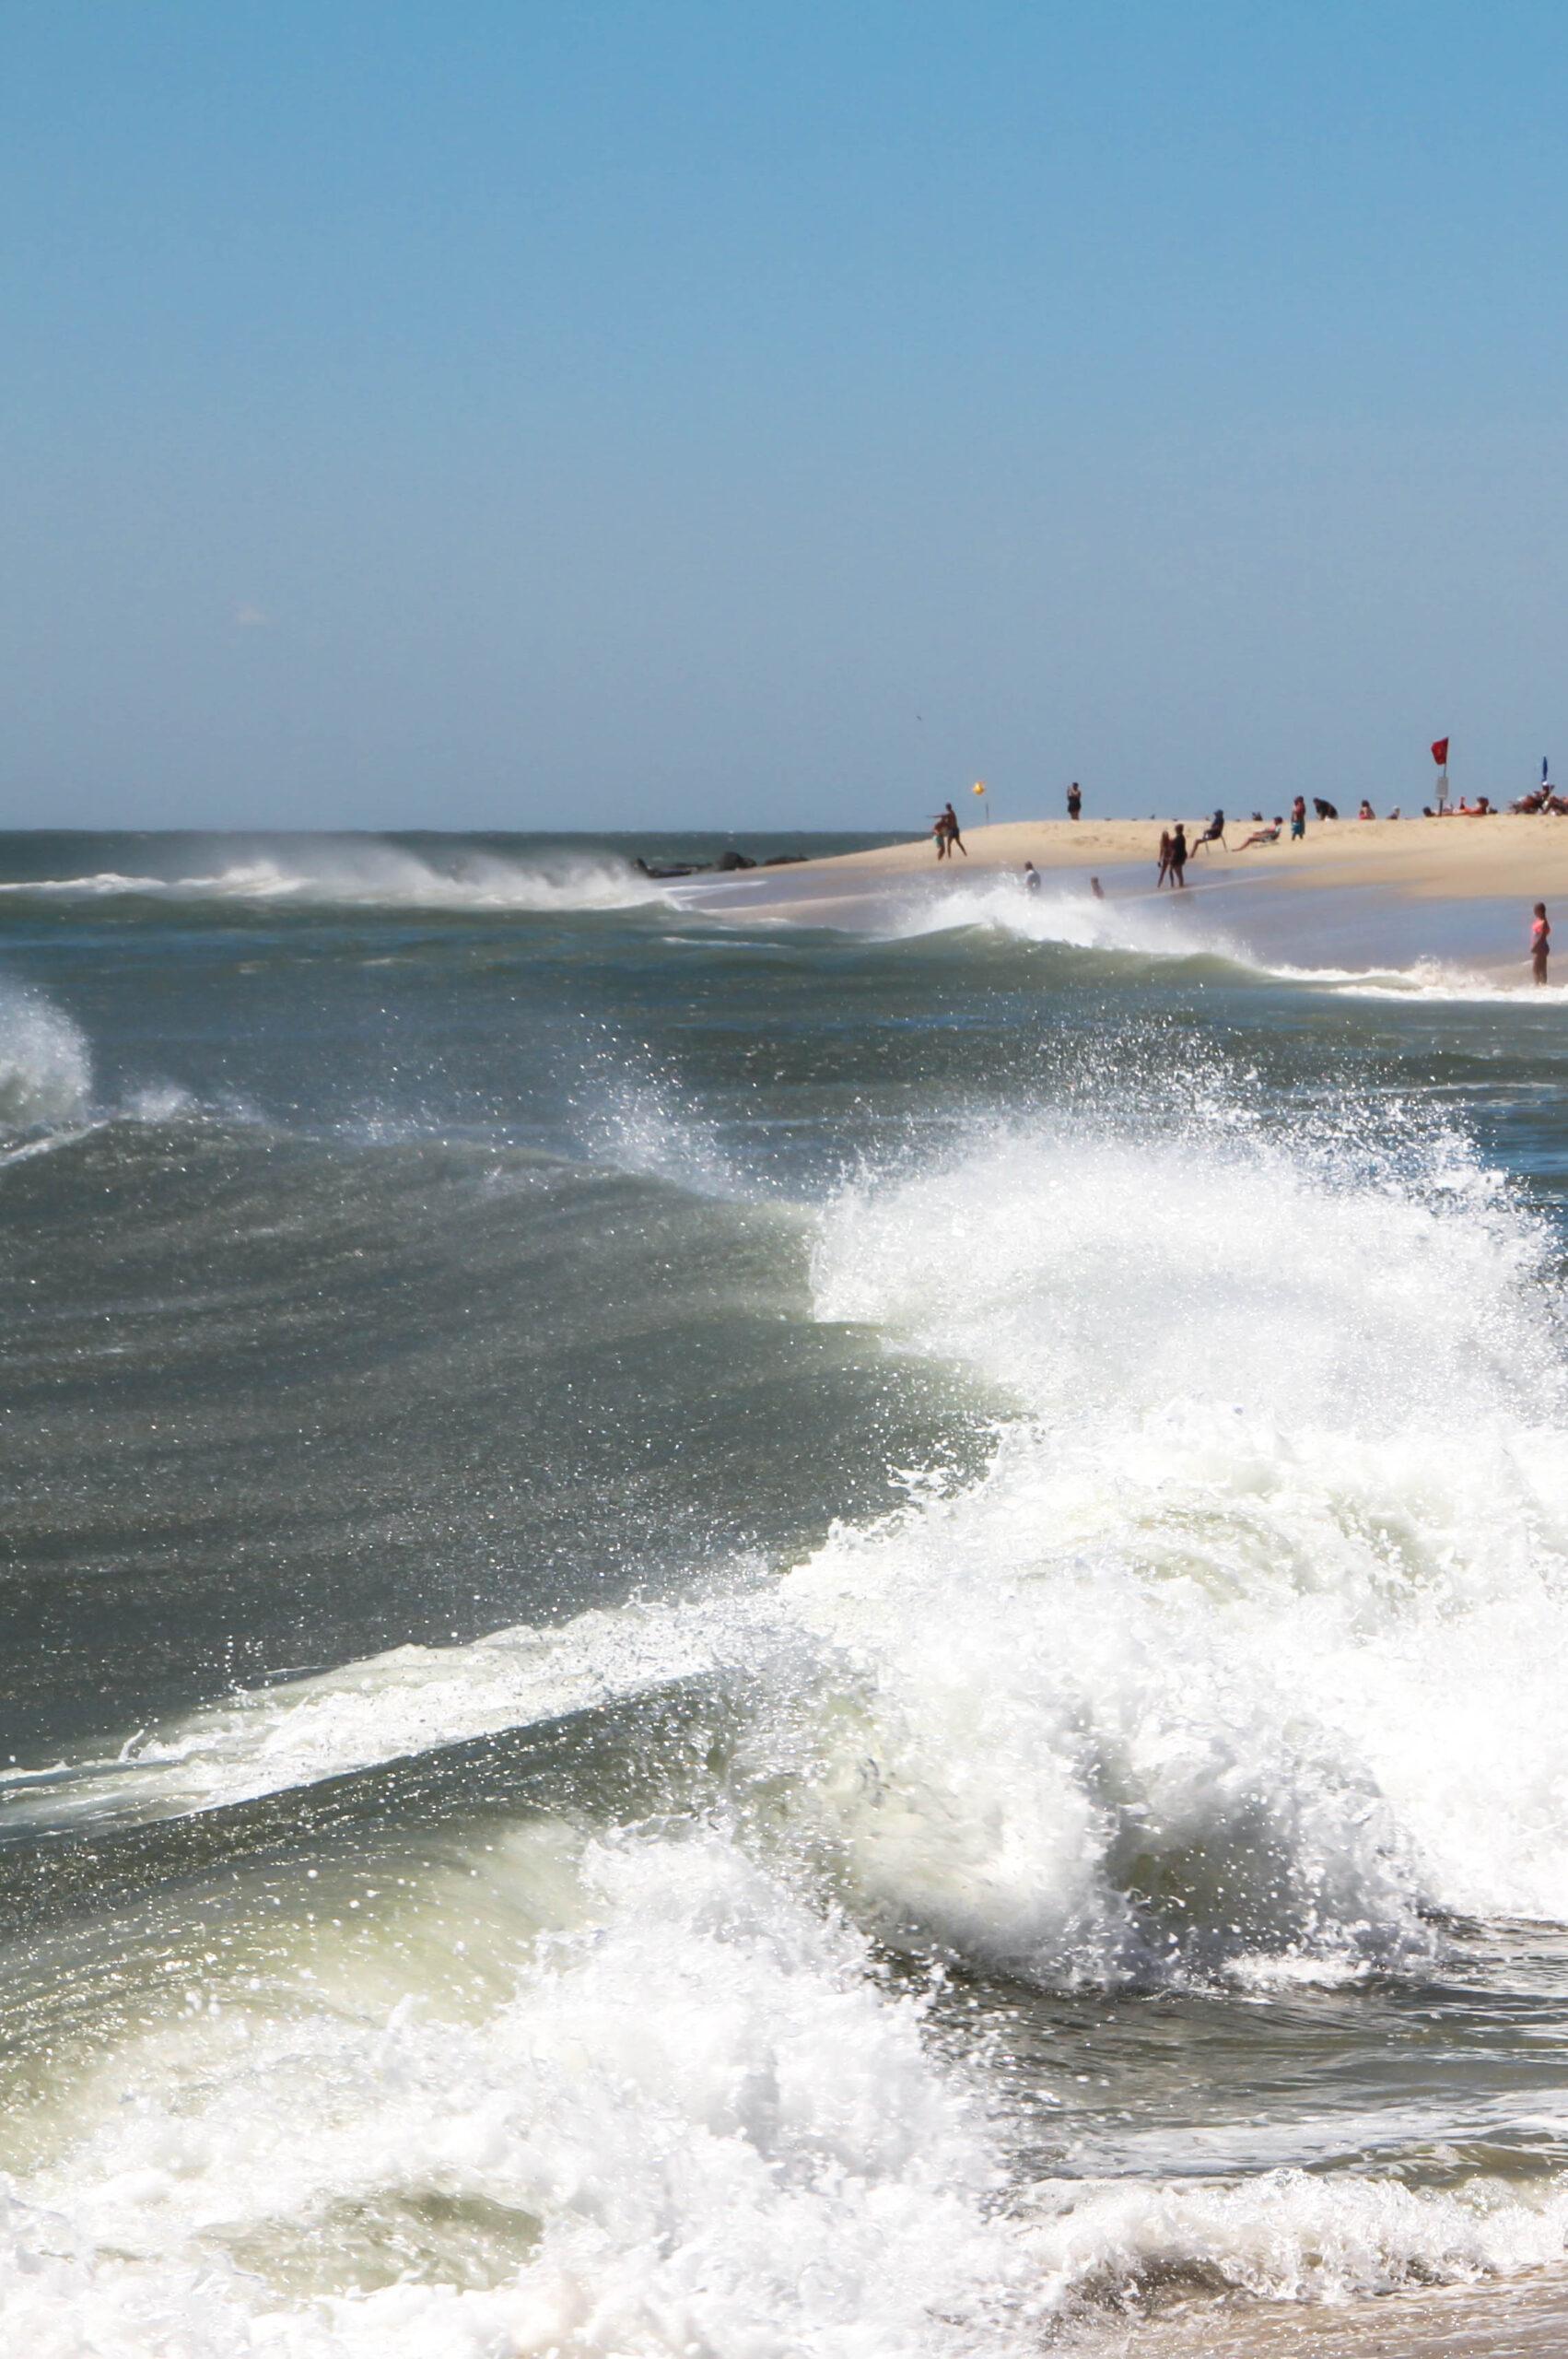 Ocean waves splashing